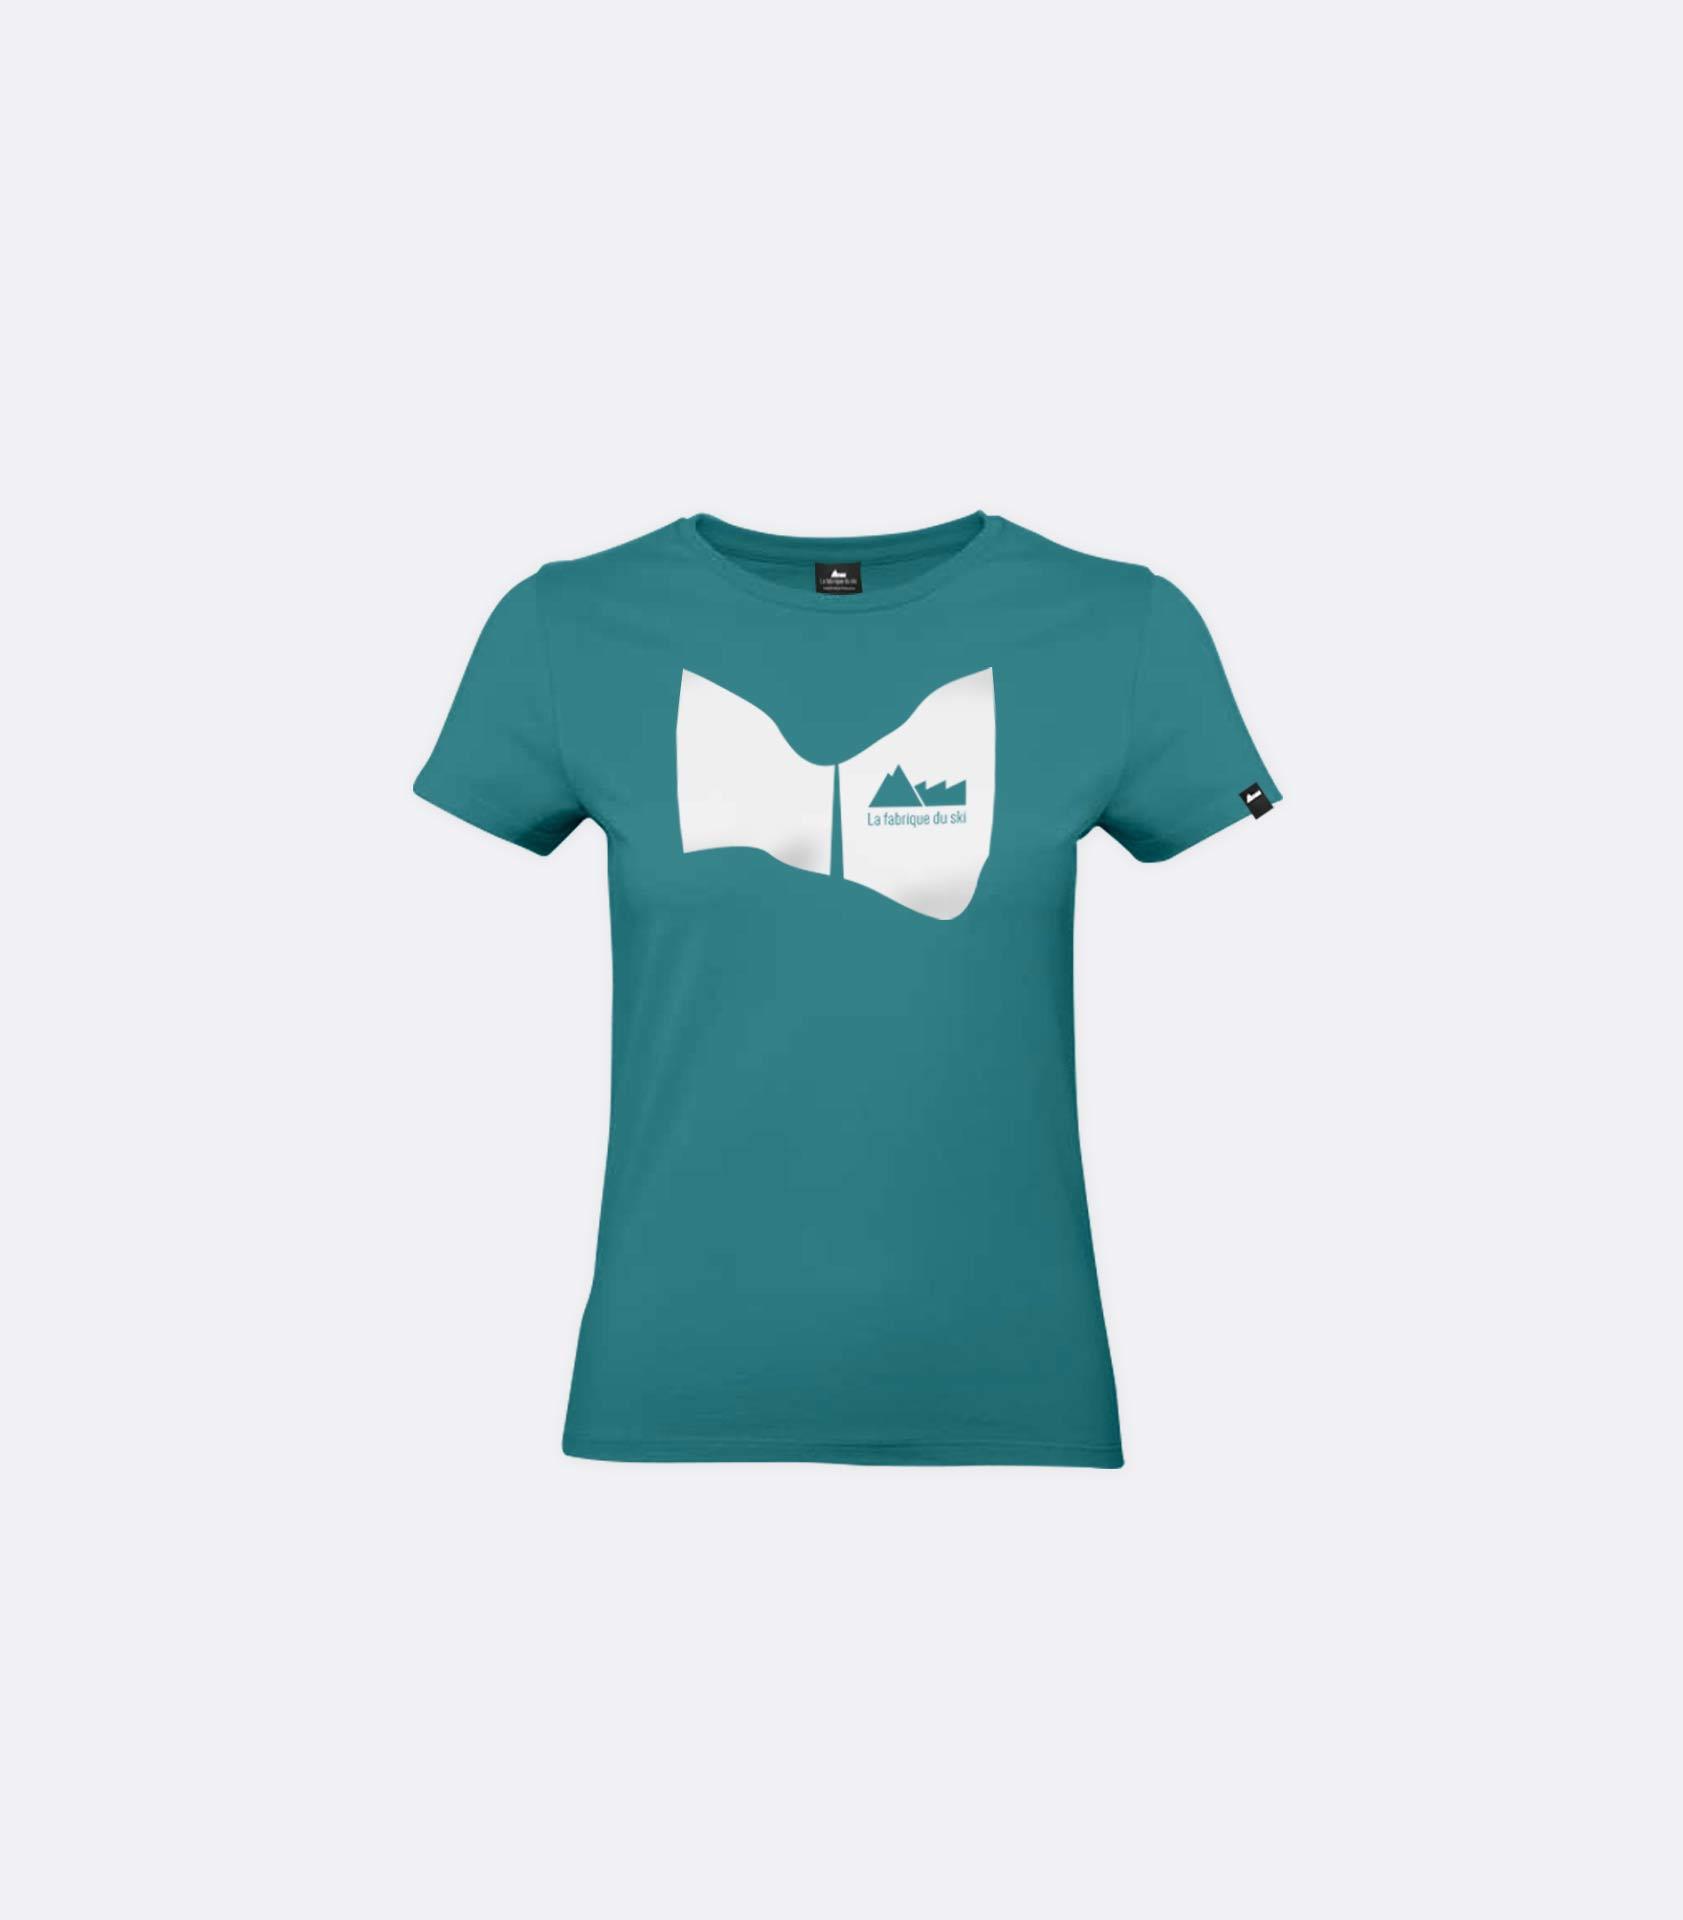 T-shirt turquoise   La Fabrique du Ski 012863efcd6b